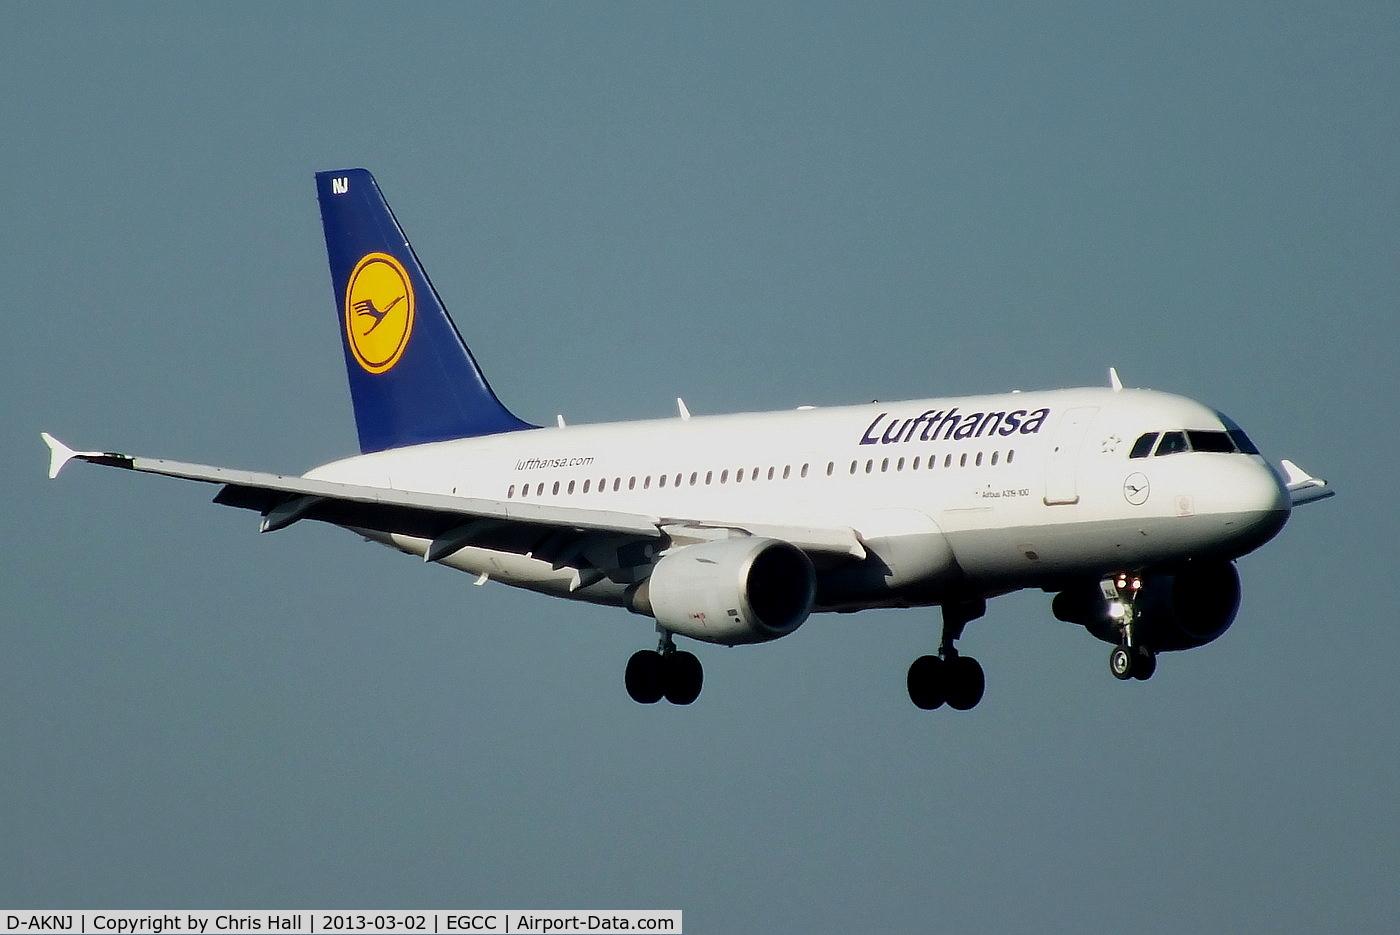 D-AKNJ, 2000 Airbus A319-112 C/N 1172, Lufthansa